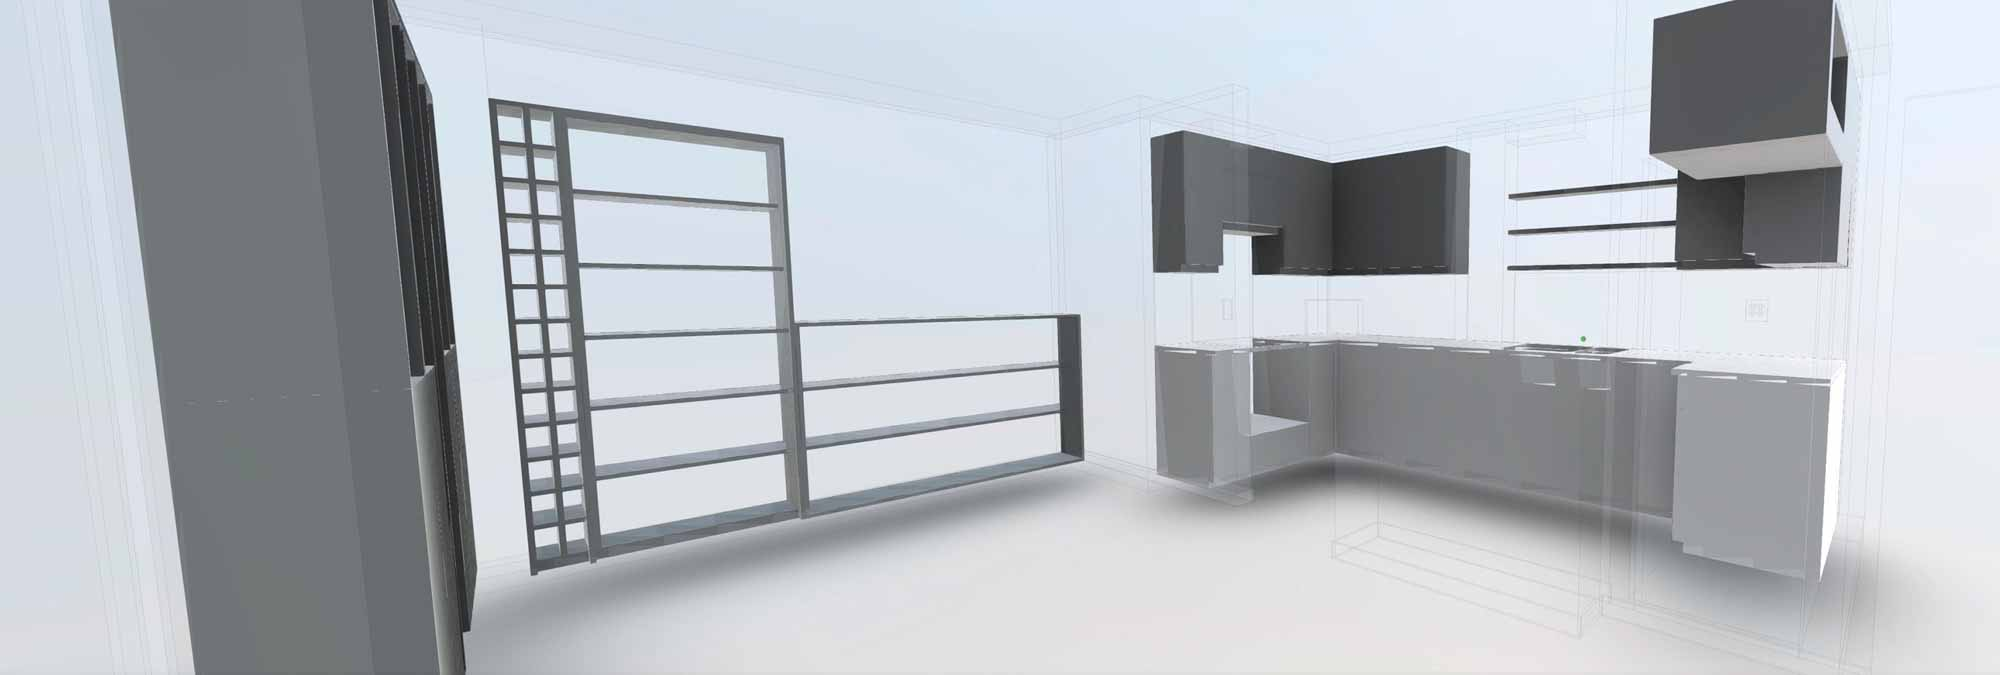 3D-сканирование вашего дома - прогулка или полет